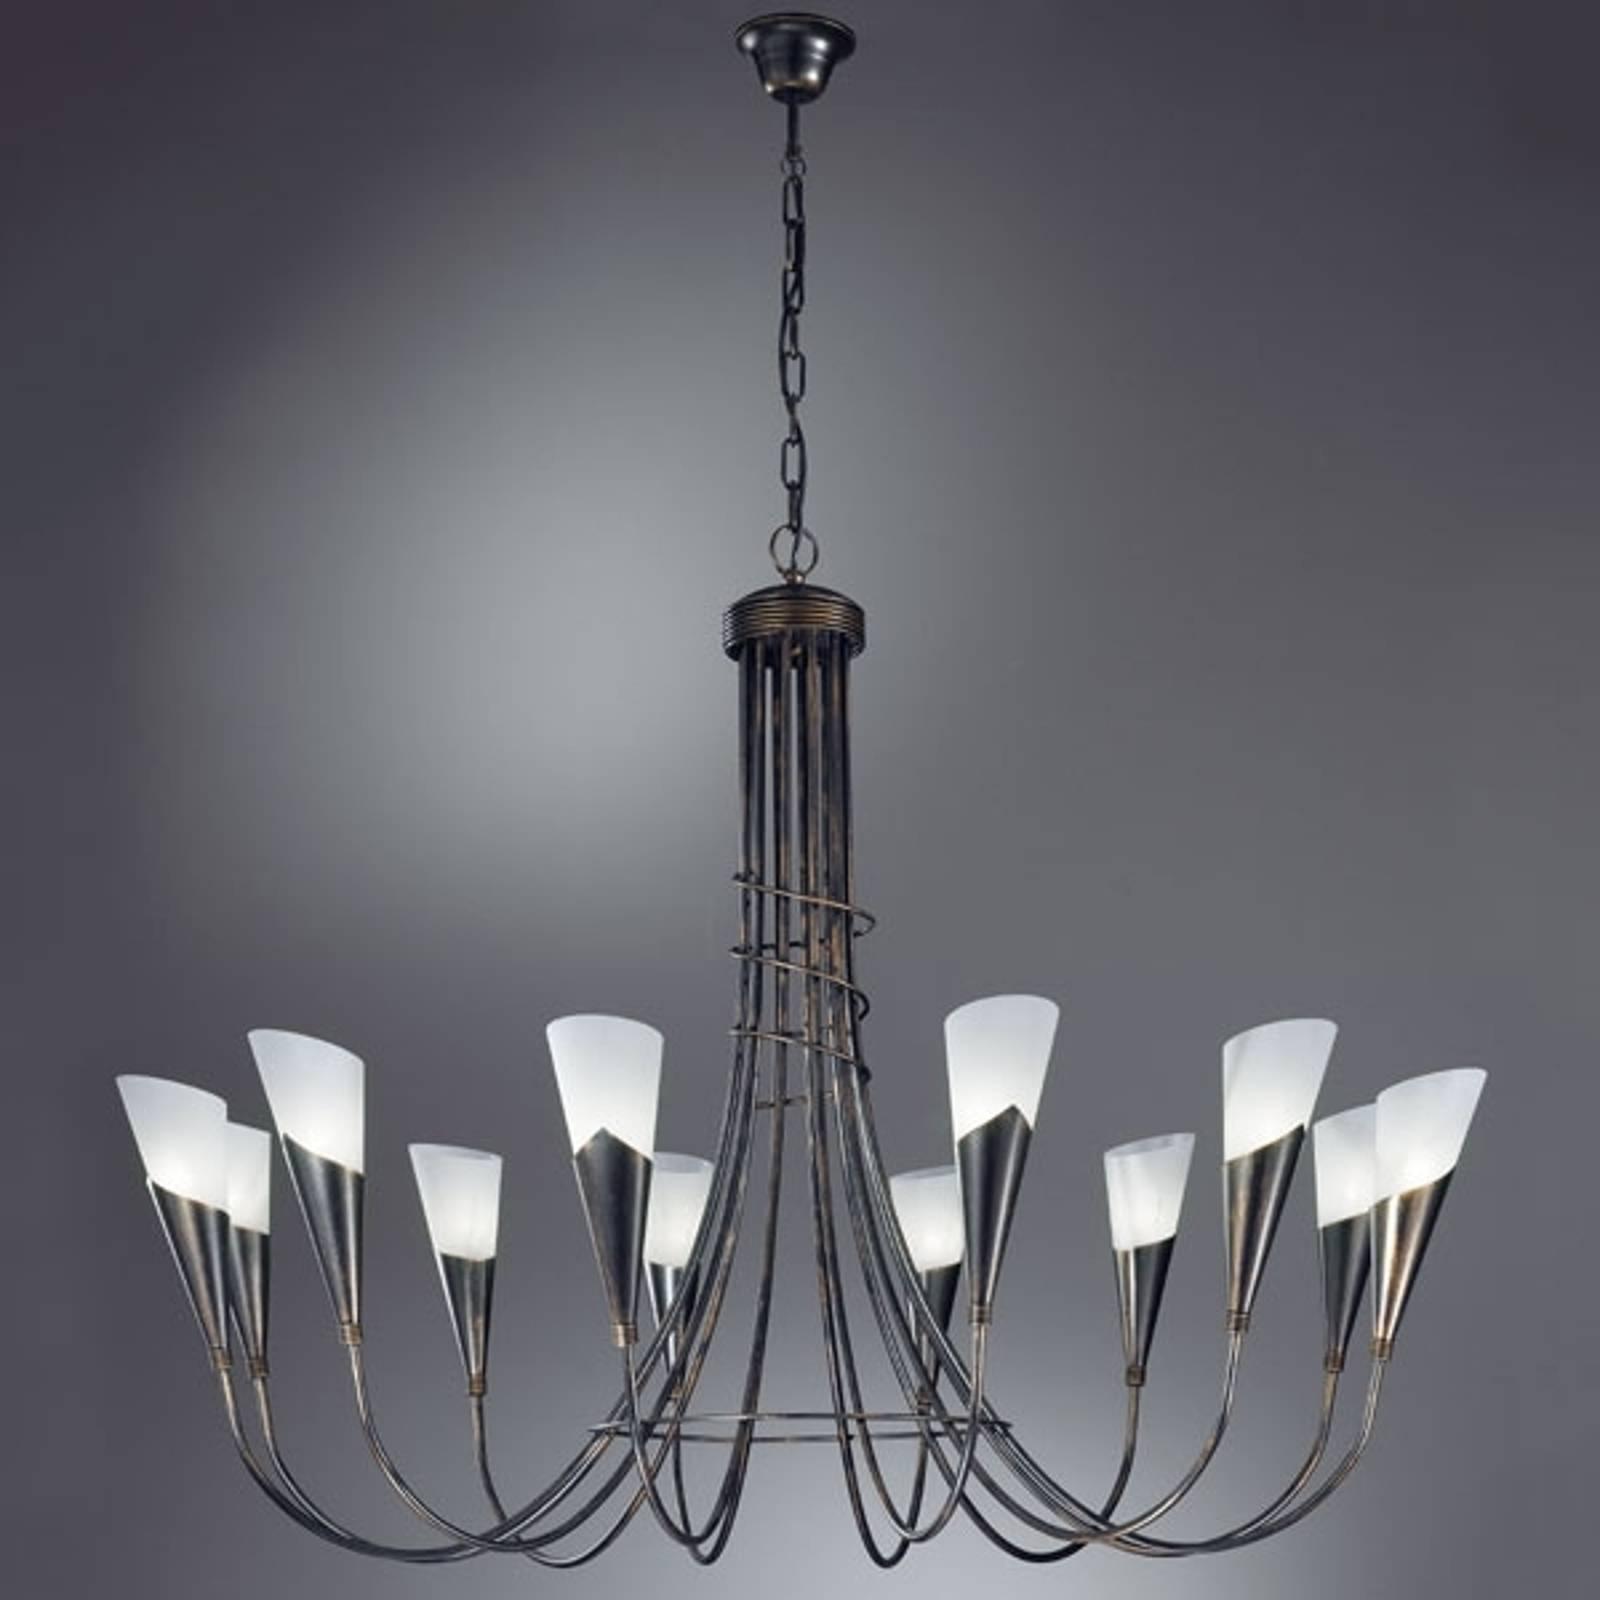 CAMPAGNOLA-kattokruunu 12-lamppuinen musta-kupari